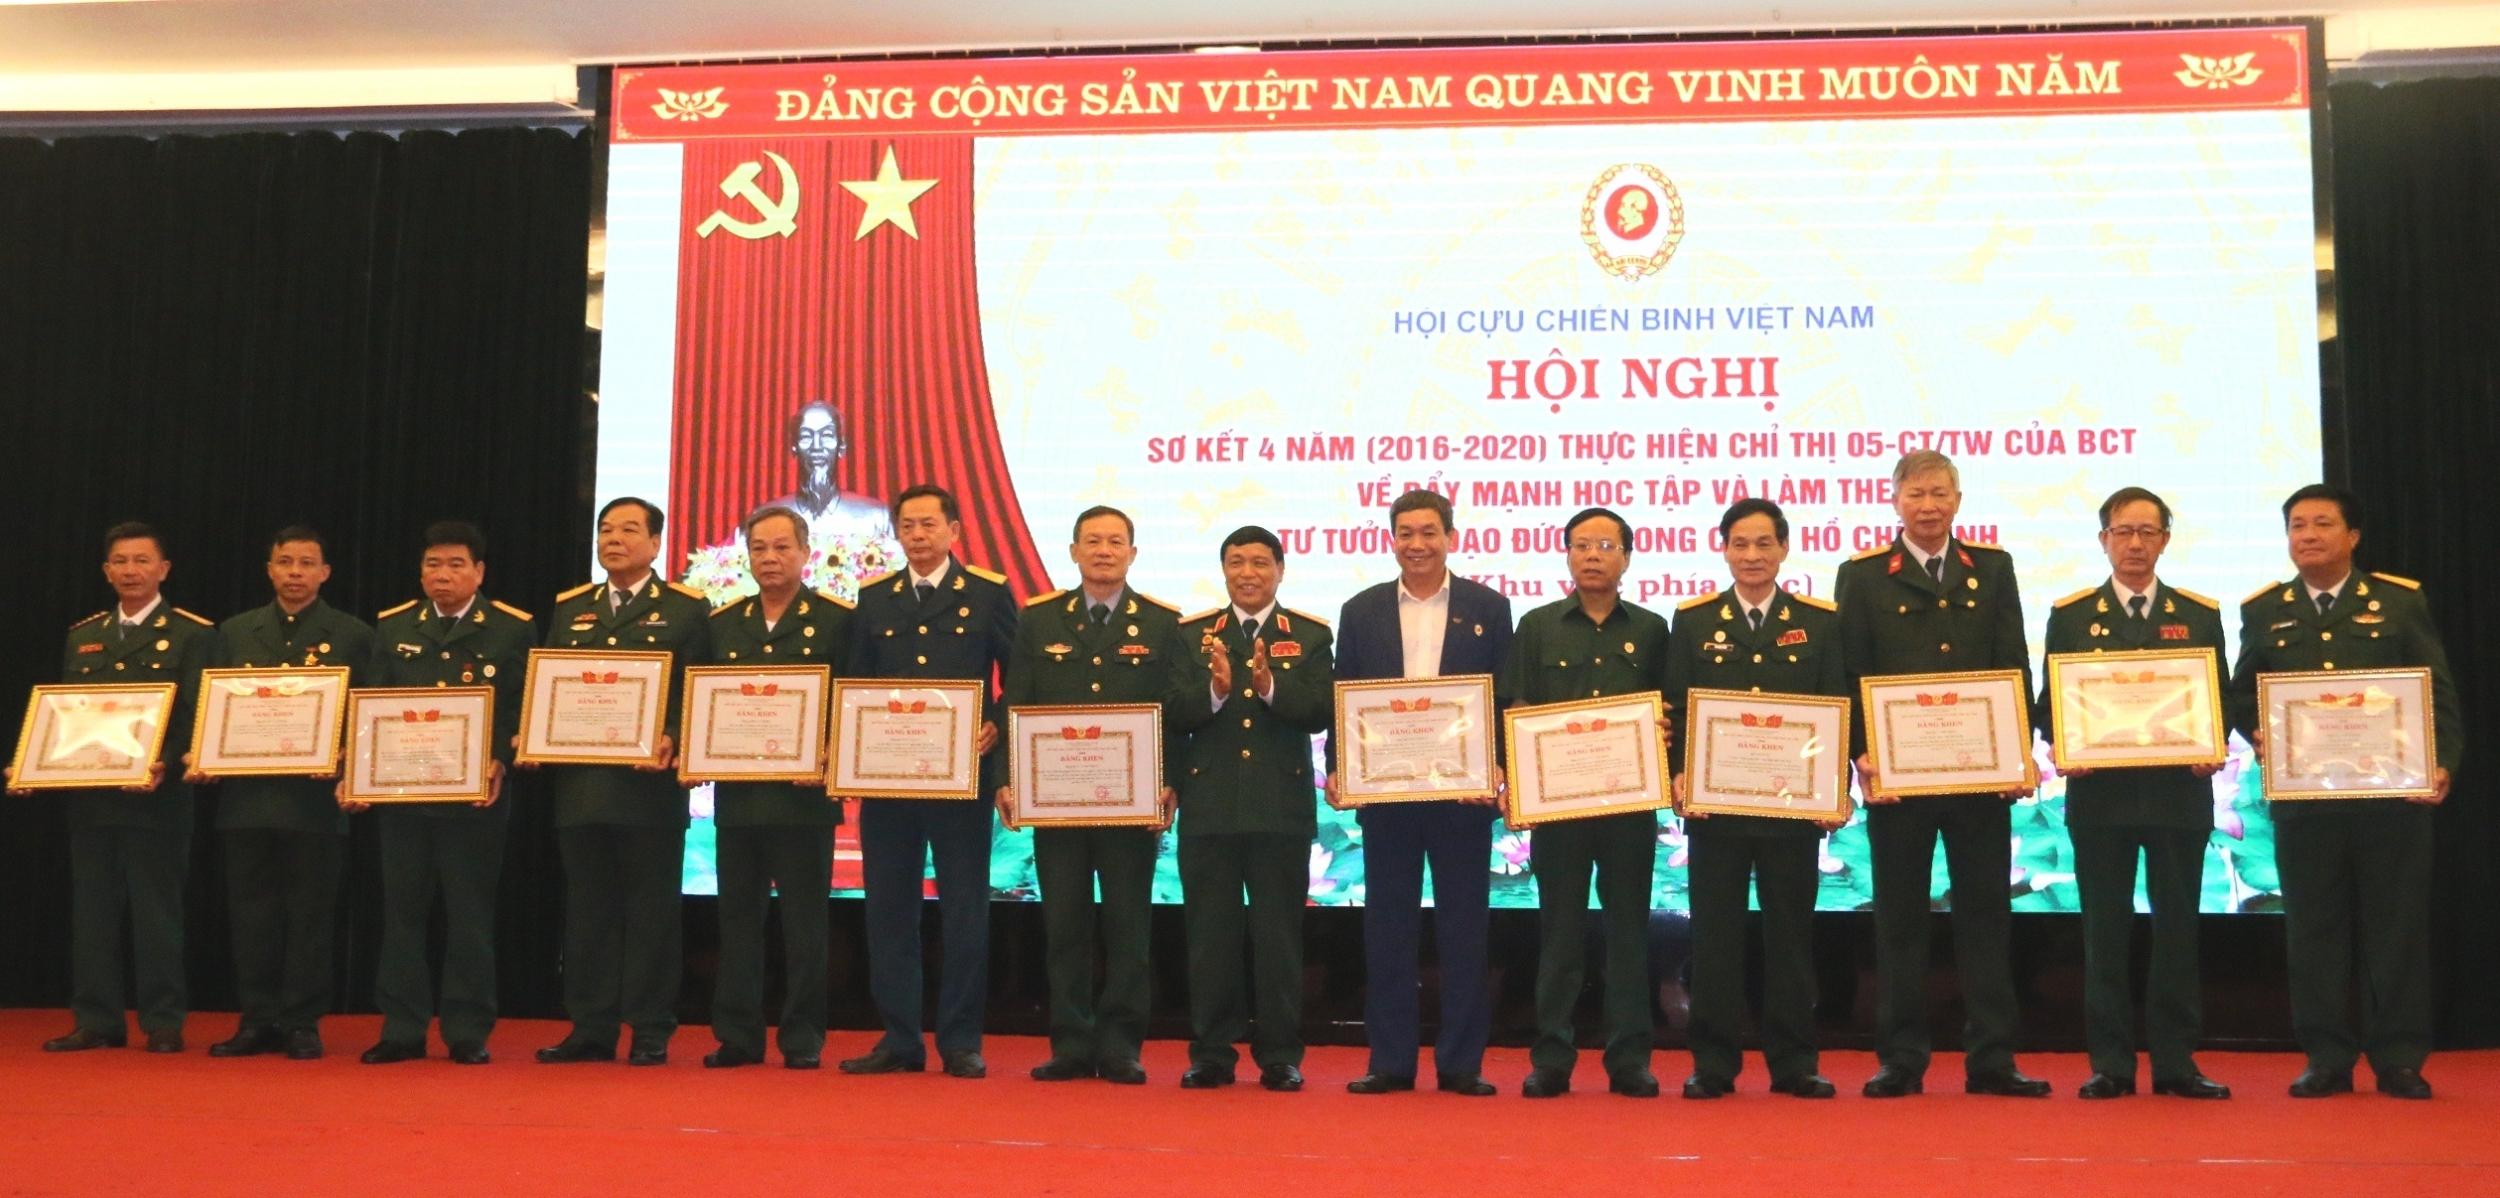 Cựu chiến binh Dầu khí tích cực, chủ động, sáng tạo trong Học tập và làm theo tư tưởng, đạo đức, phong cách Hồ Chí Minh